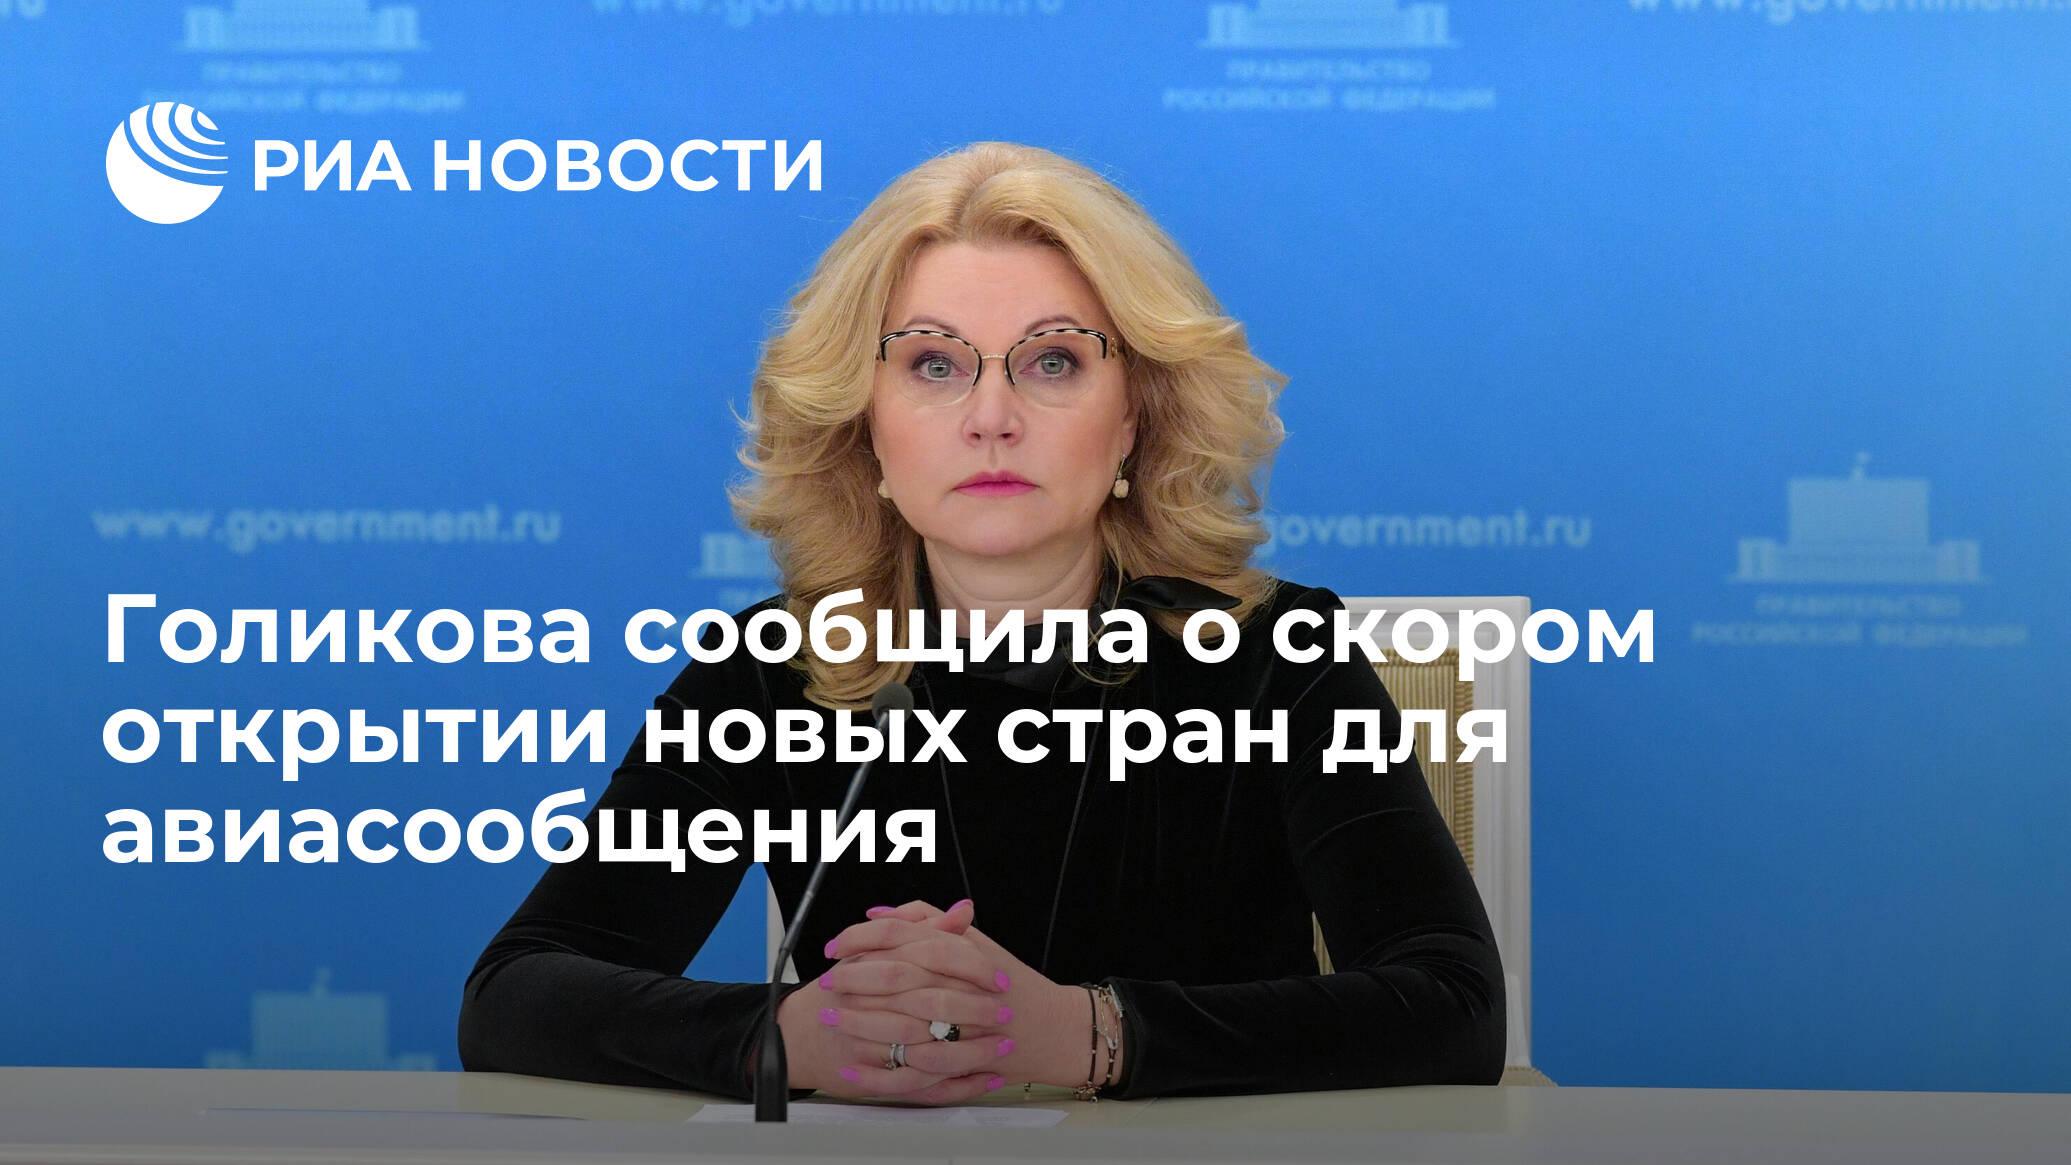 Голикова сообщила о скором открытии новых стран для авиасообщения